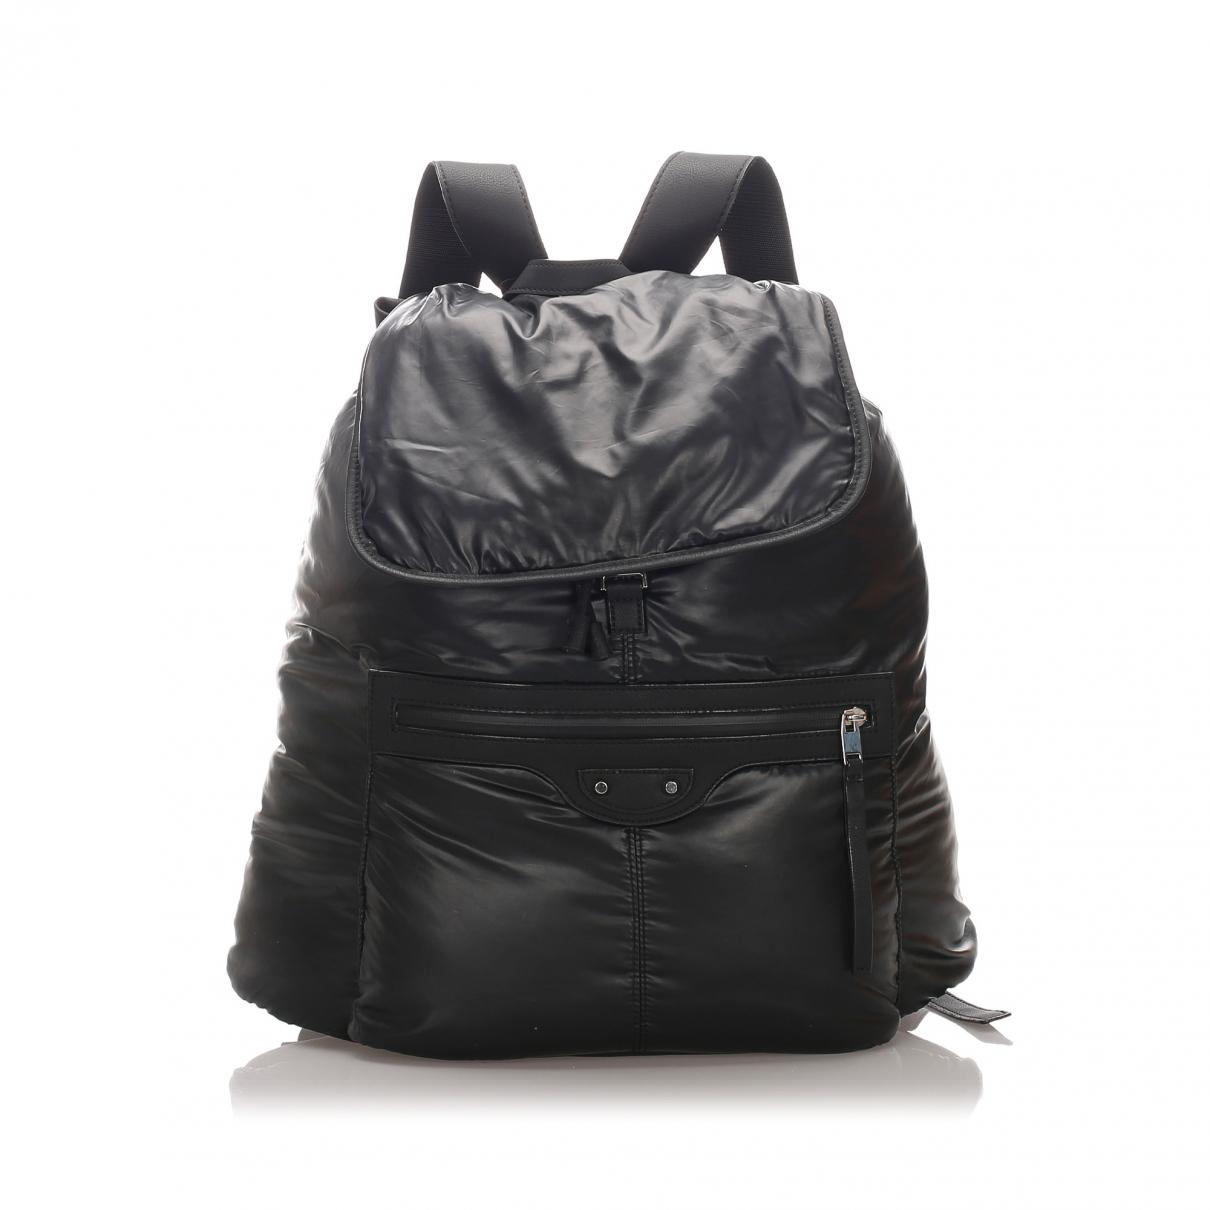 Balenciaga - Sac a dos   pour femme en toile - noir